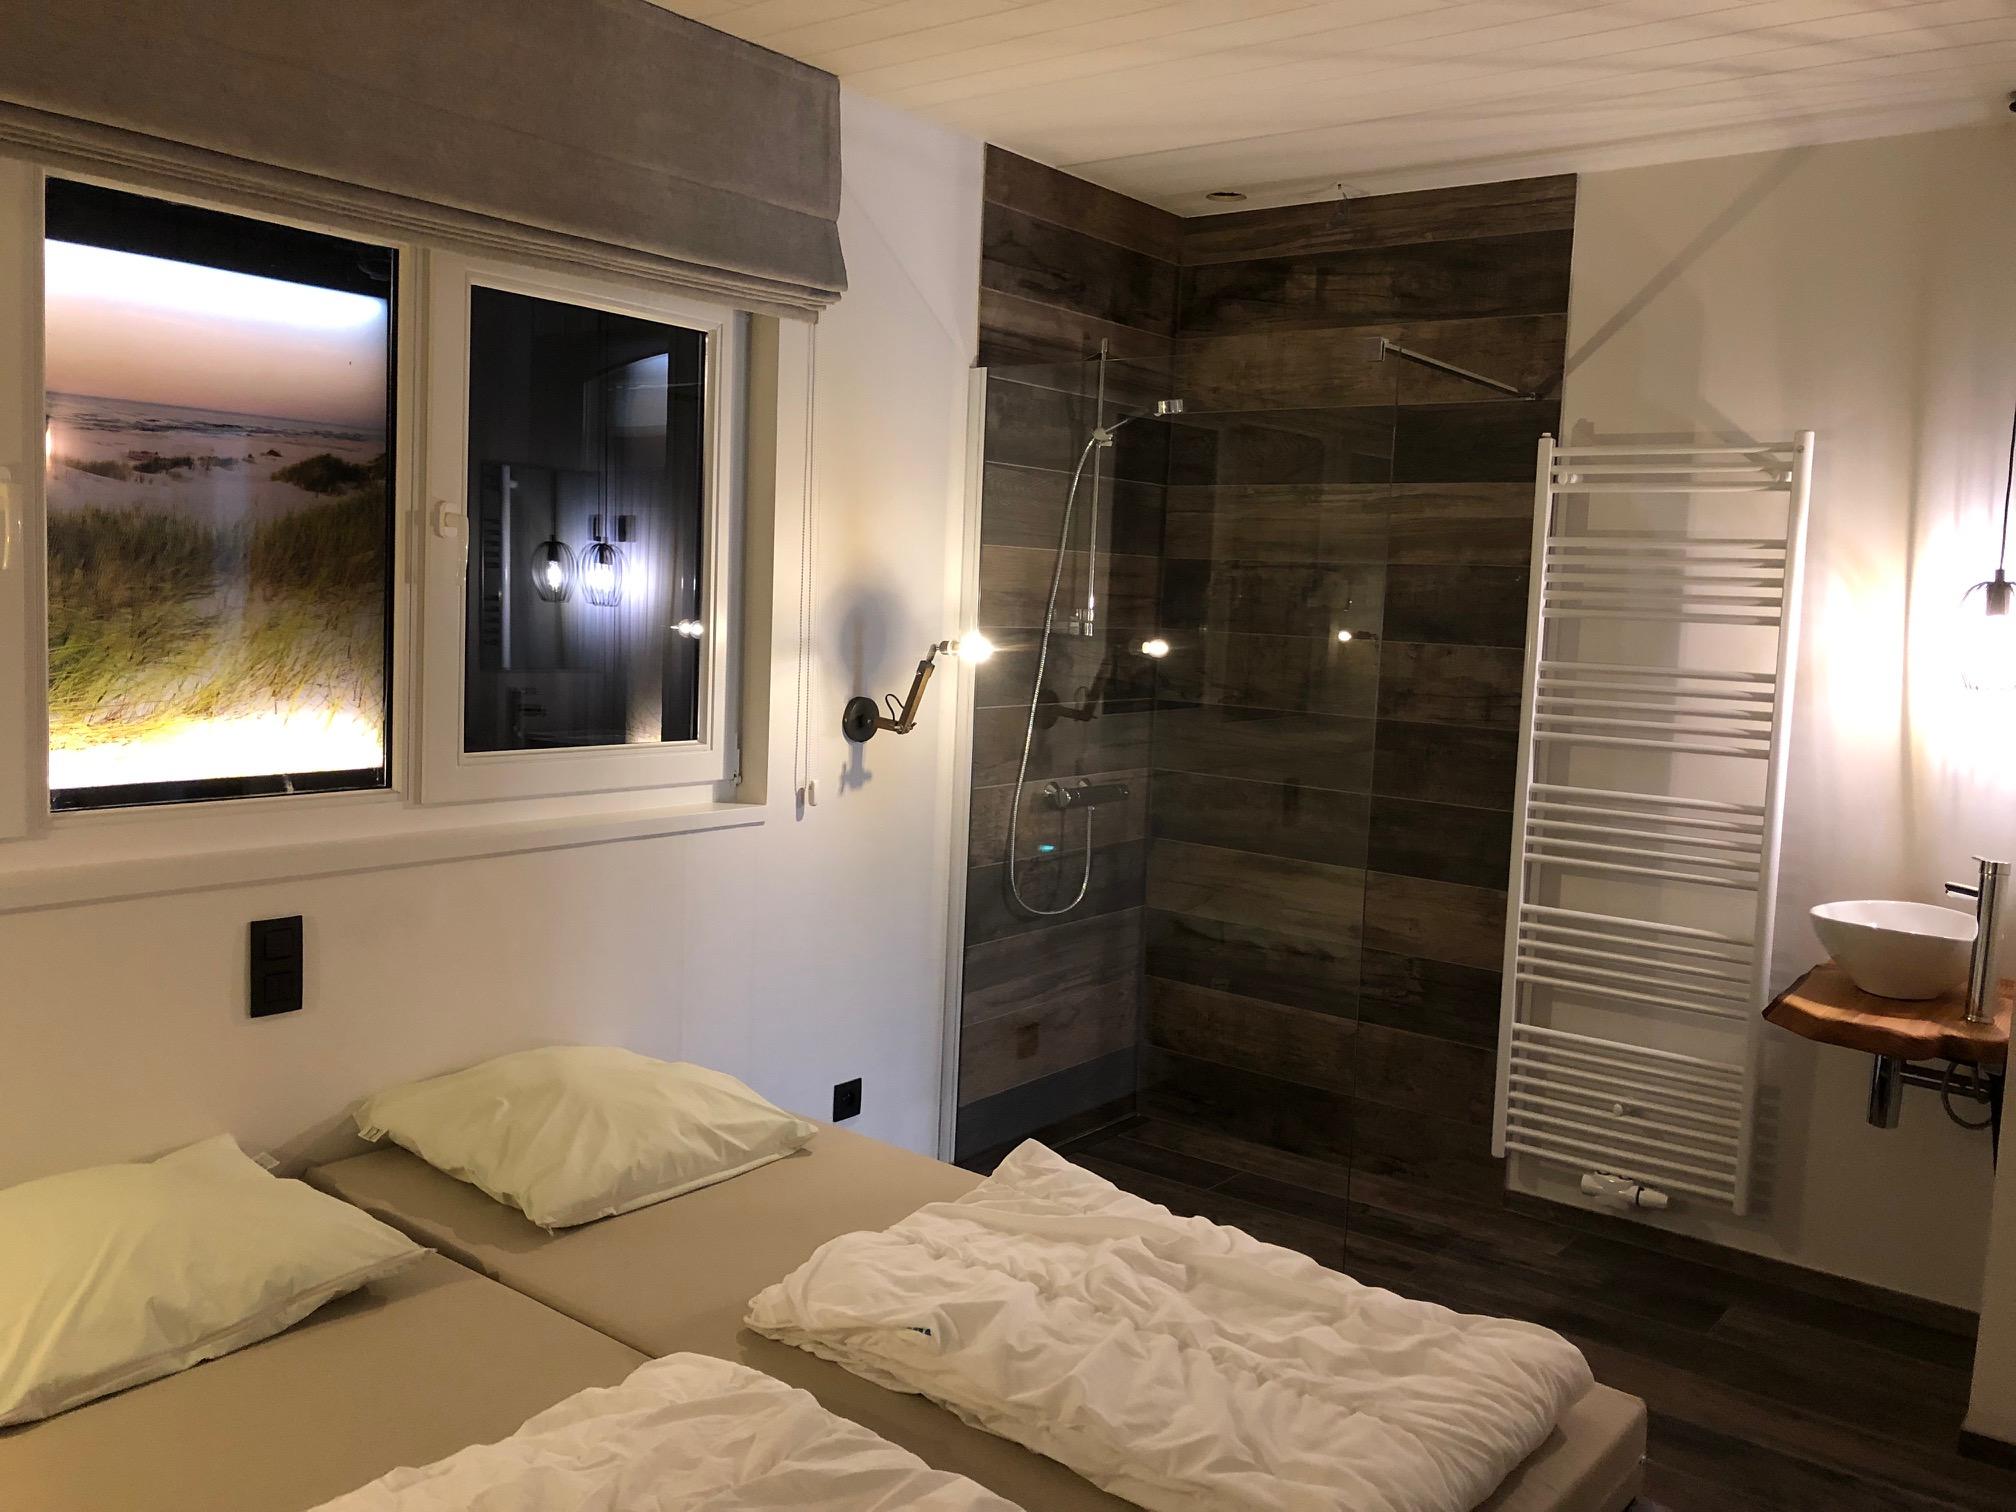 Vakantie aan de zee Domein Rietvelde slaapkamer